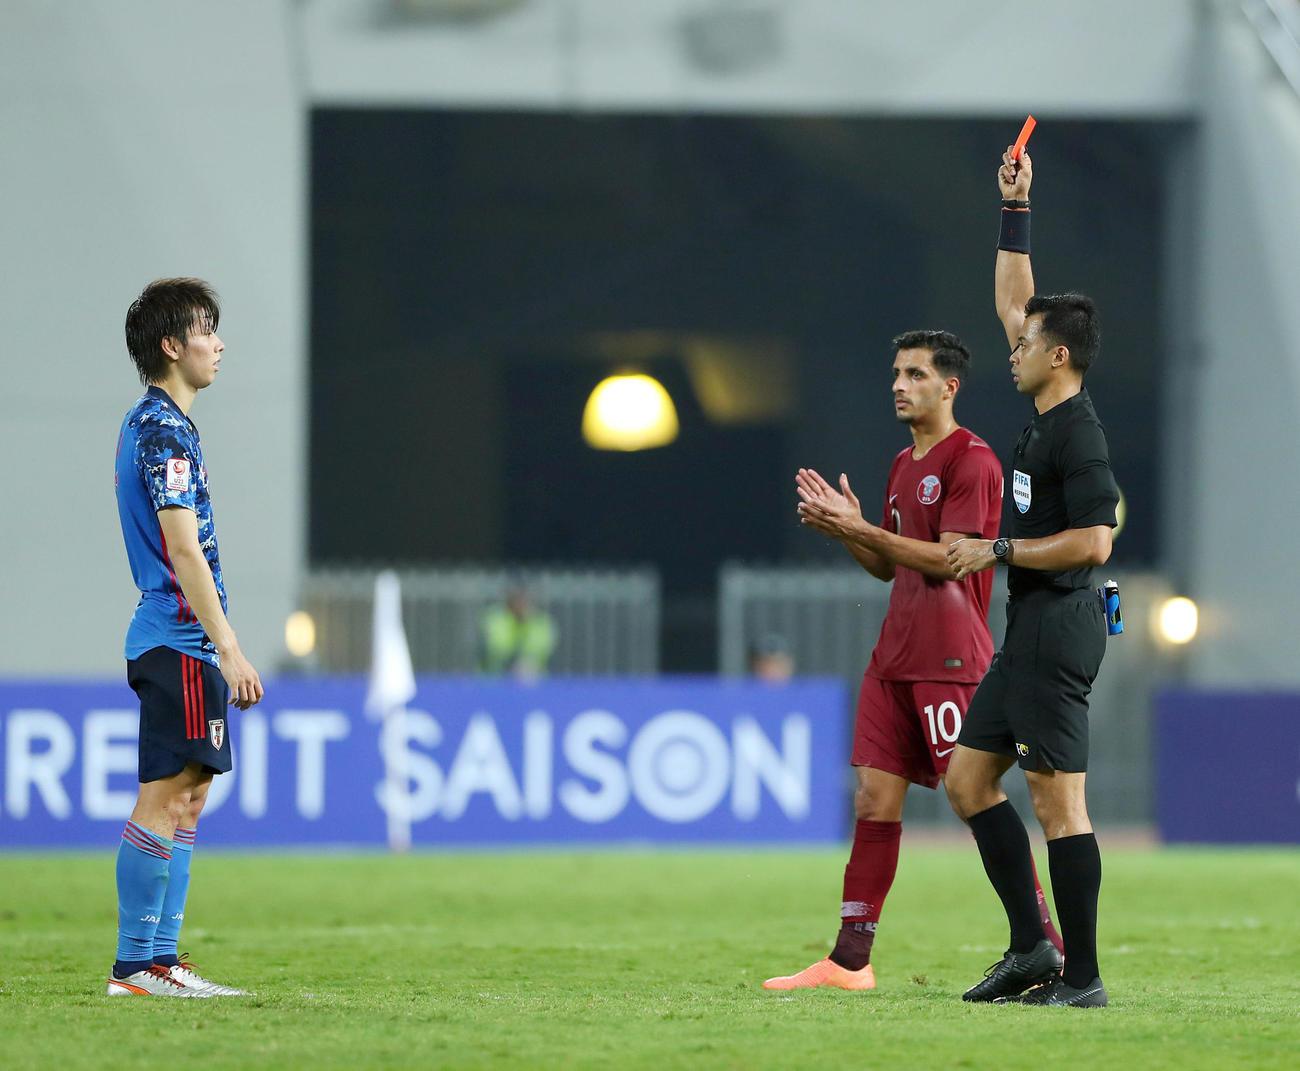 U-23日本対U-23カタール 前半、田中碧(左)はレッドカードを受けて退場する(20年1月15日撮影)